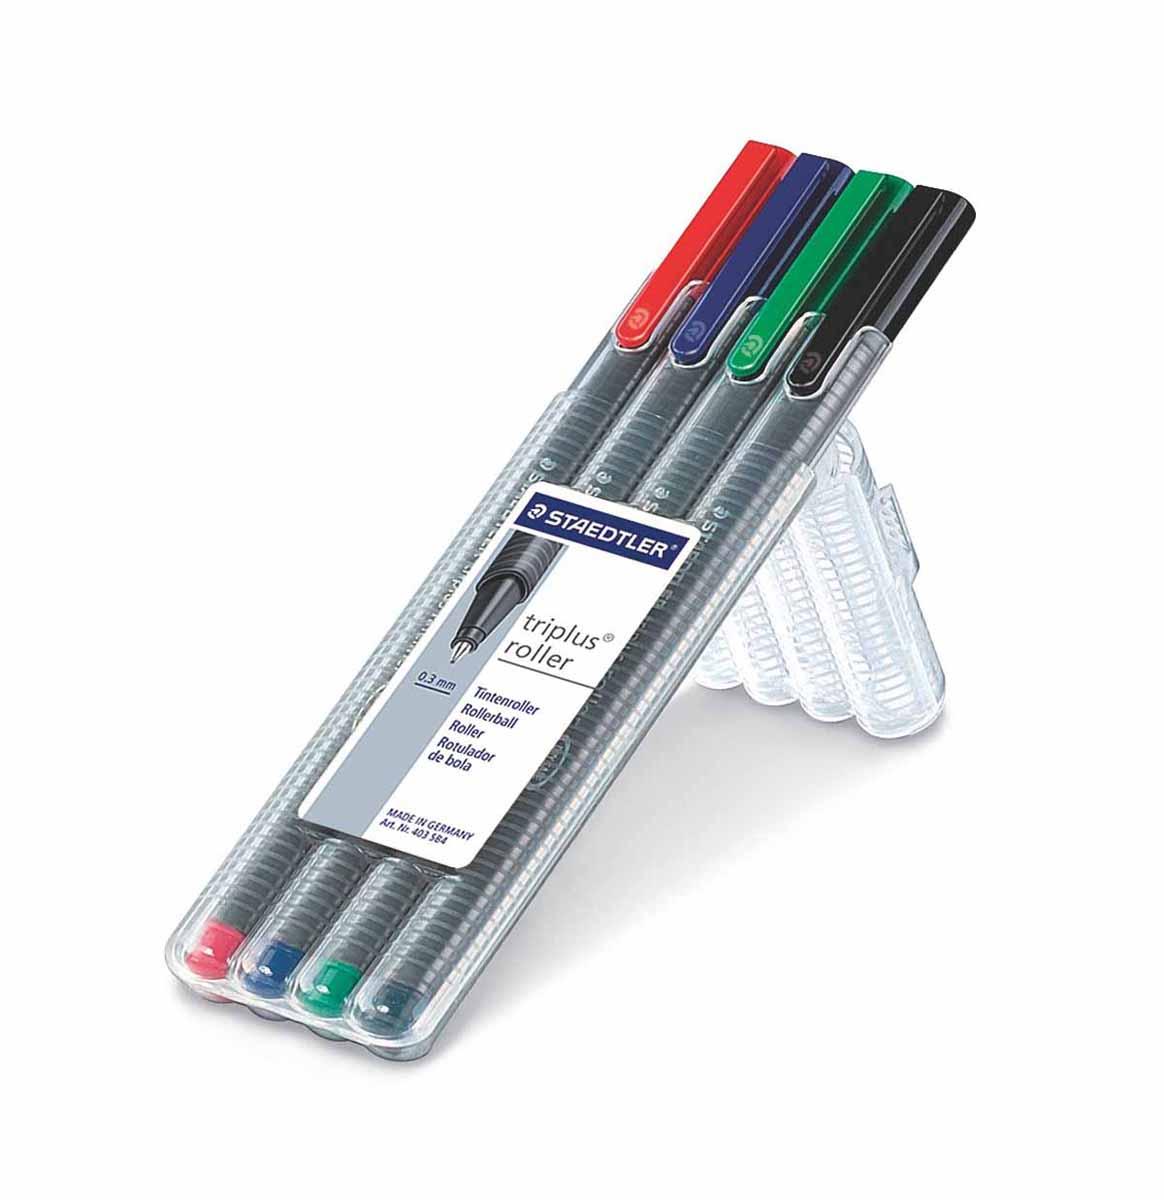 Staedtler Набор ручек-роллеров Triplus 4 цвета72523WDНабор ручек роллеров Staedtler Triplus подходит как для письма, так и для выполнения части графических работ.Особая конструкция пишущего узла обеспечивает сверхмягкое письмо. Ручки защищены от высыхания, могут находитьсСодержит 4 цвета в ассортименте. Толщина лбез колпачка несколько дней. Толщина линии 0,4мм.